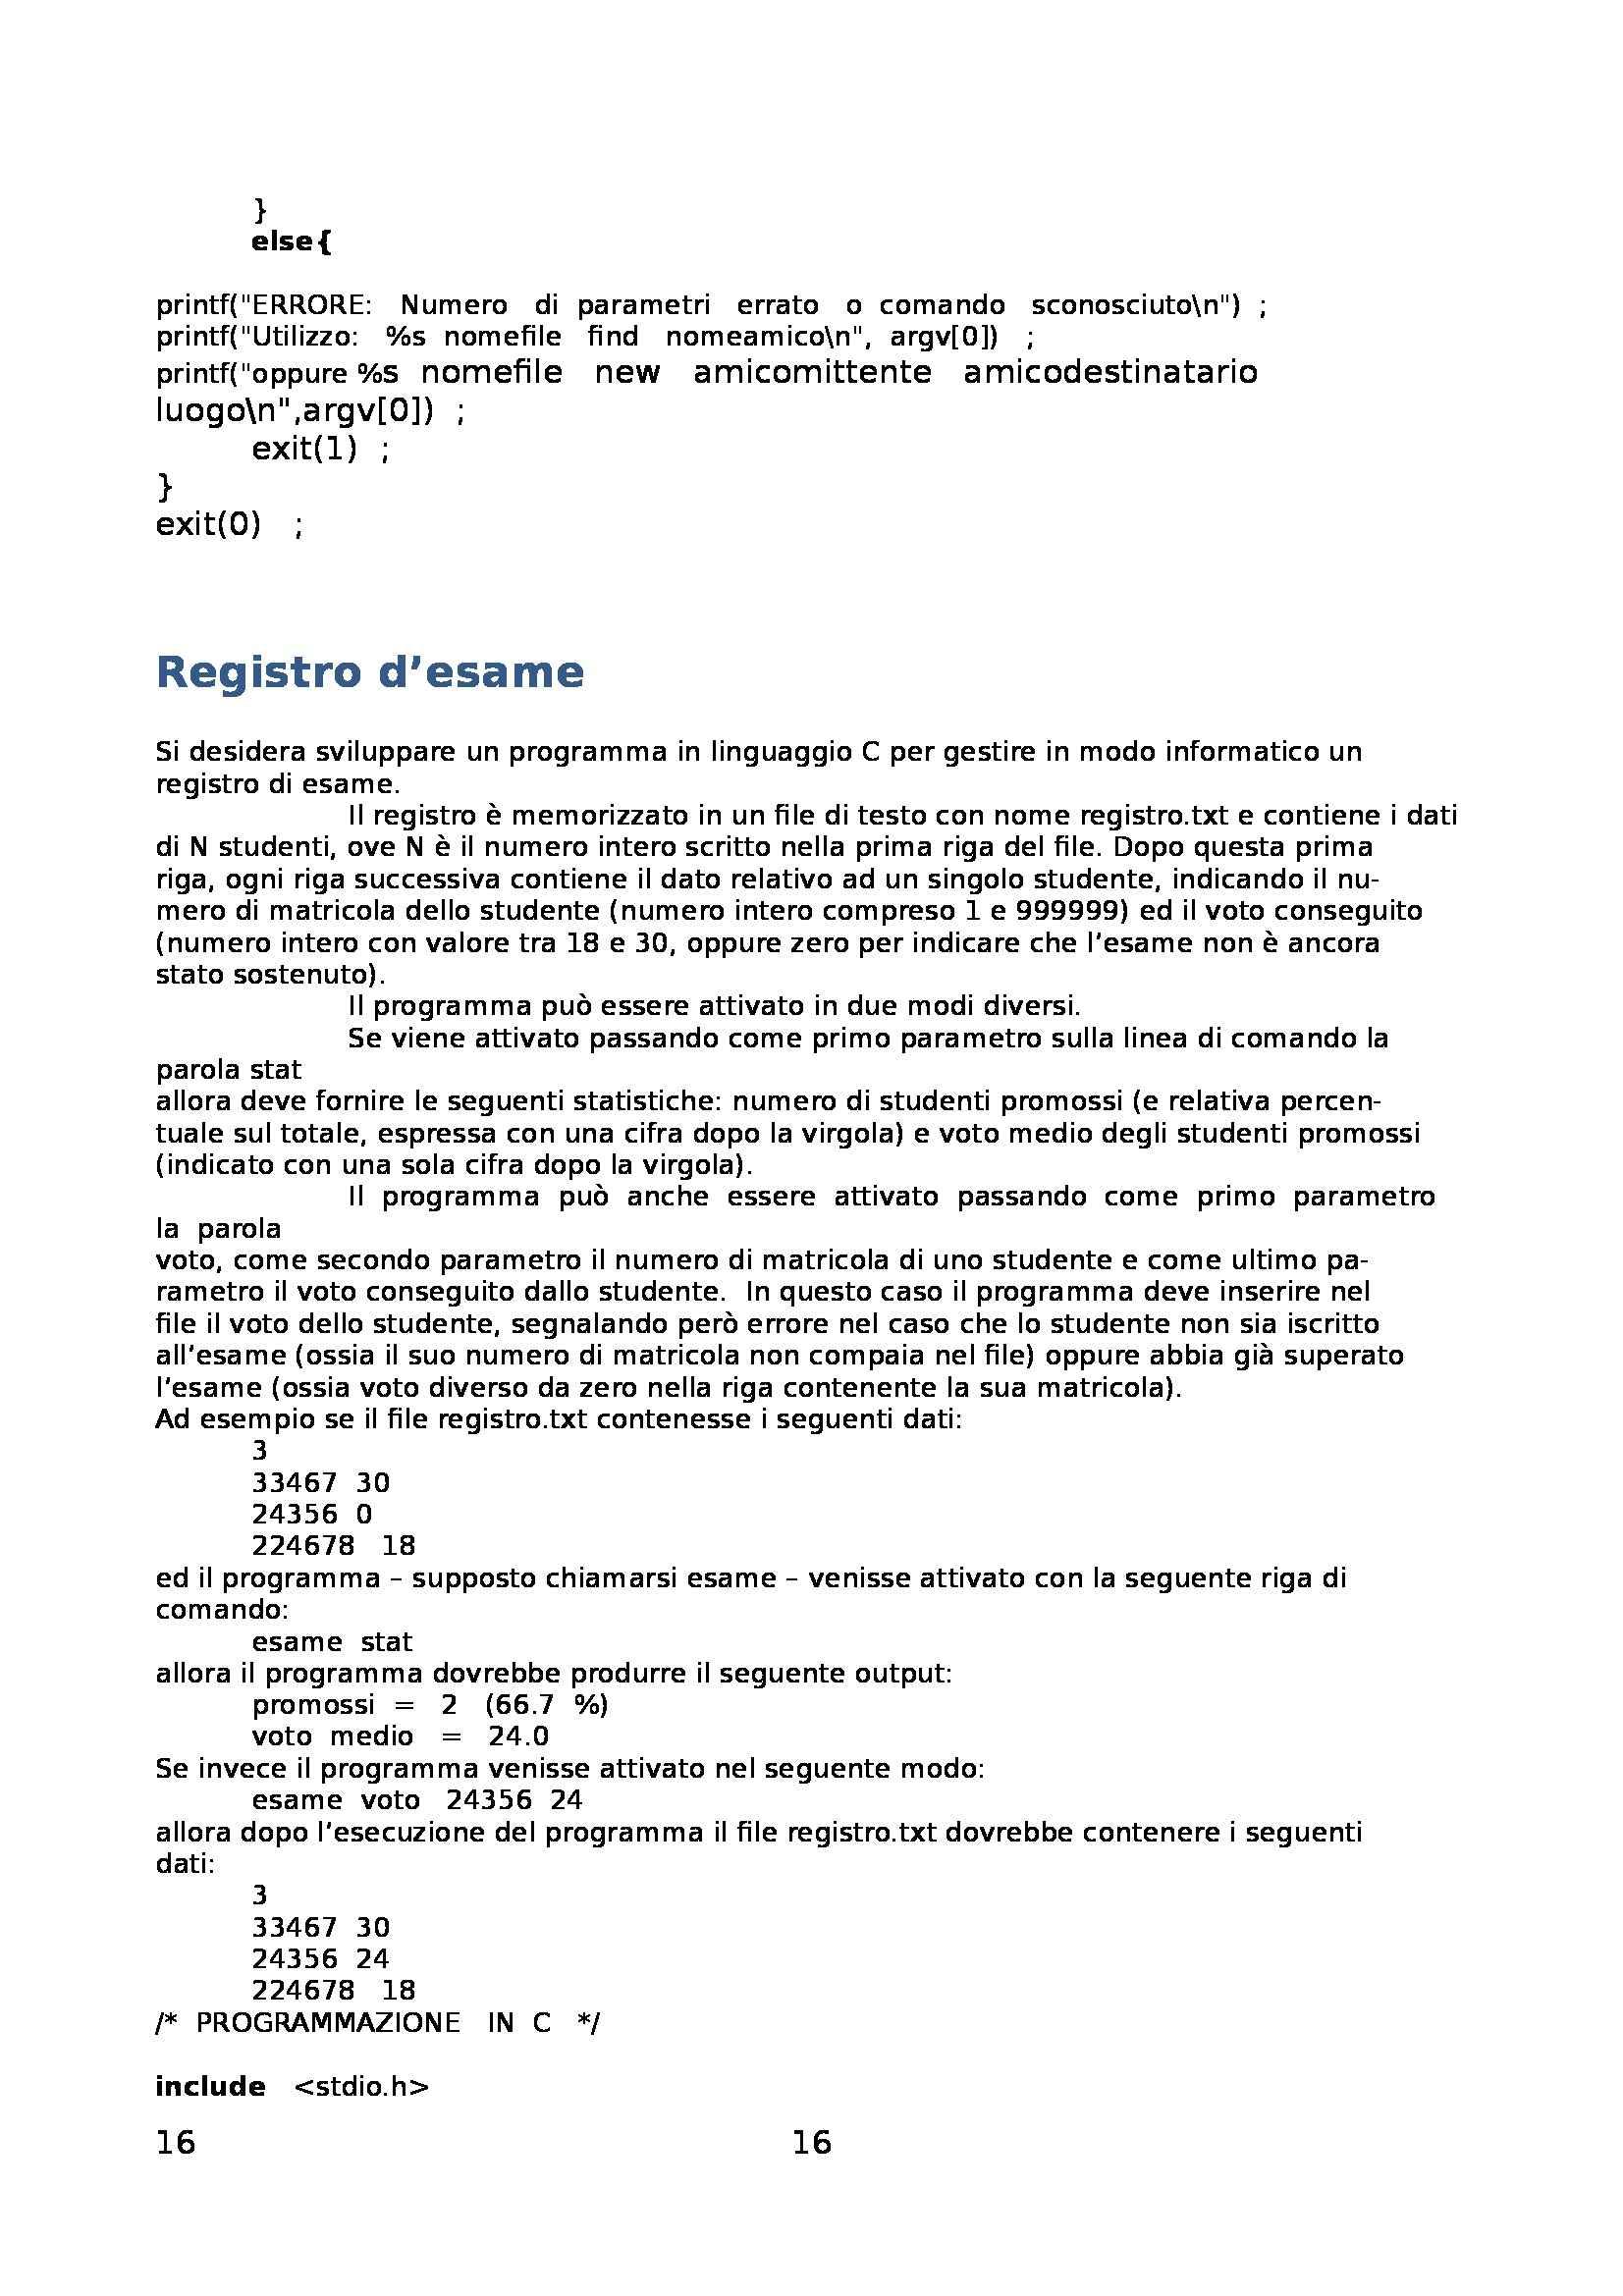 Fondamenti di informatica - Raccolta di esercizi svolti e commentati sul linguaggio di programmazione C Pag. 16